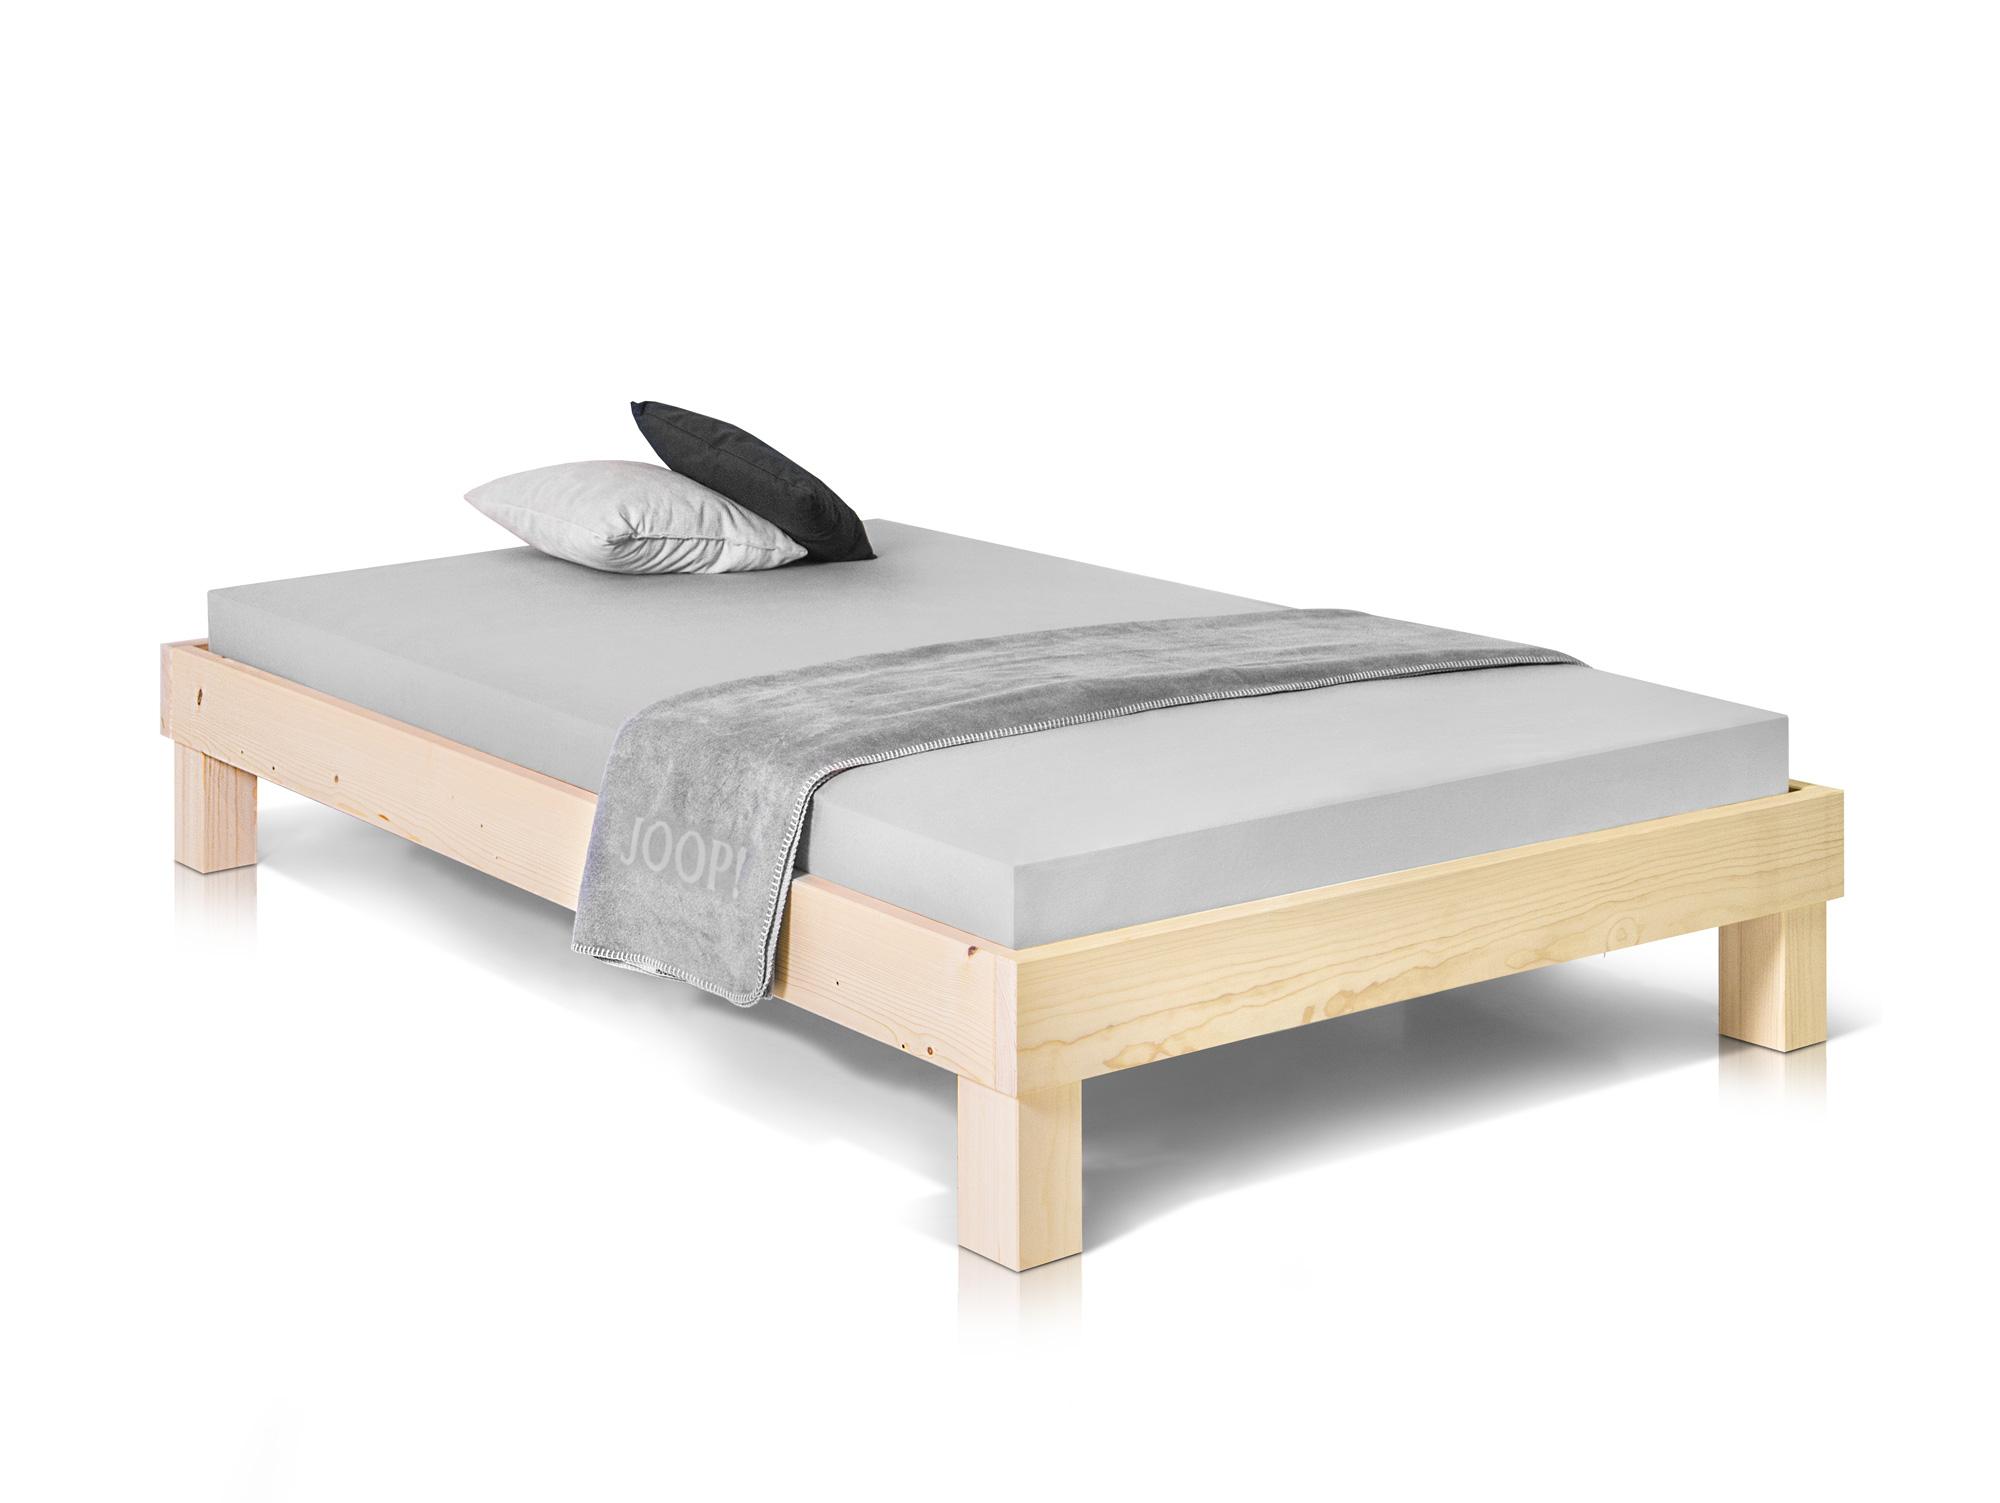 Full Size of Bett Mit Stauraum 120x200 Aufbewahrung Massivholz 140x200 Paletten Sofa Holzfüßen Esstisch 4 Stühlen Günstig Schlicht Schreibtisch Schöne Betten Wohnzimmer Bett Mit Stauraum 120x200